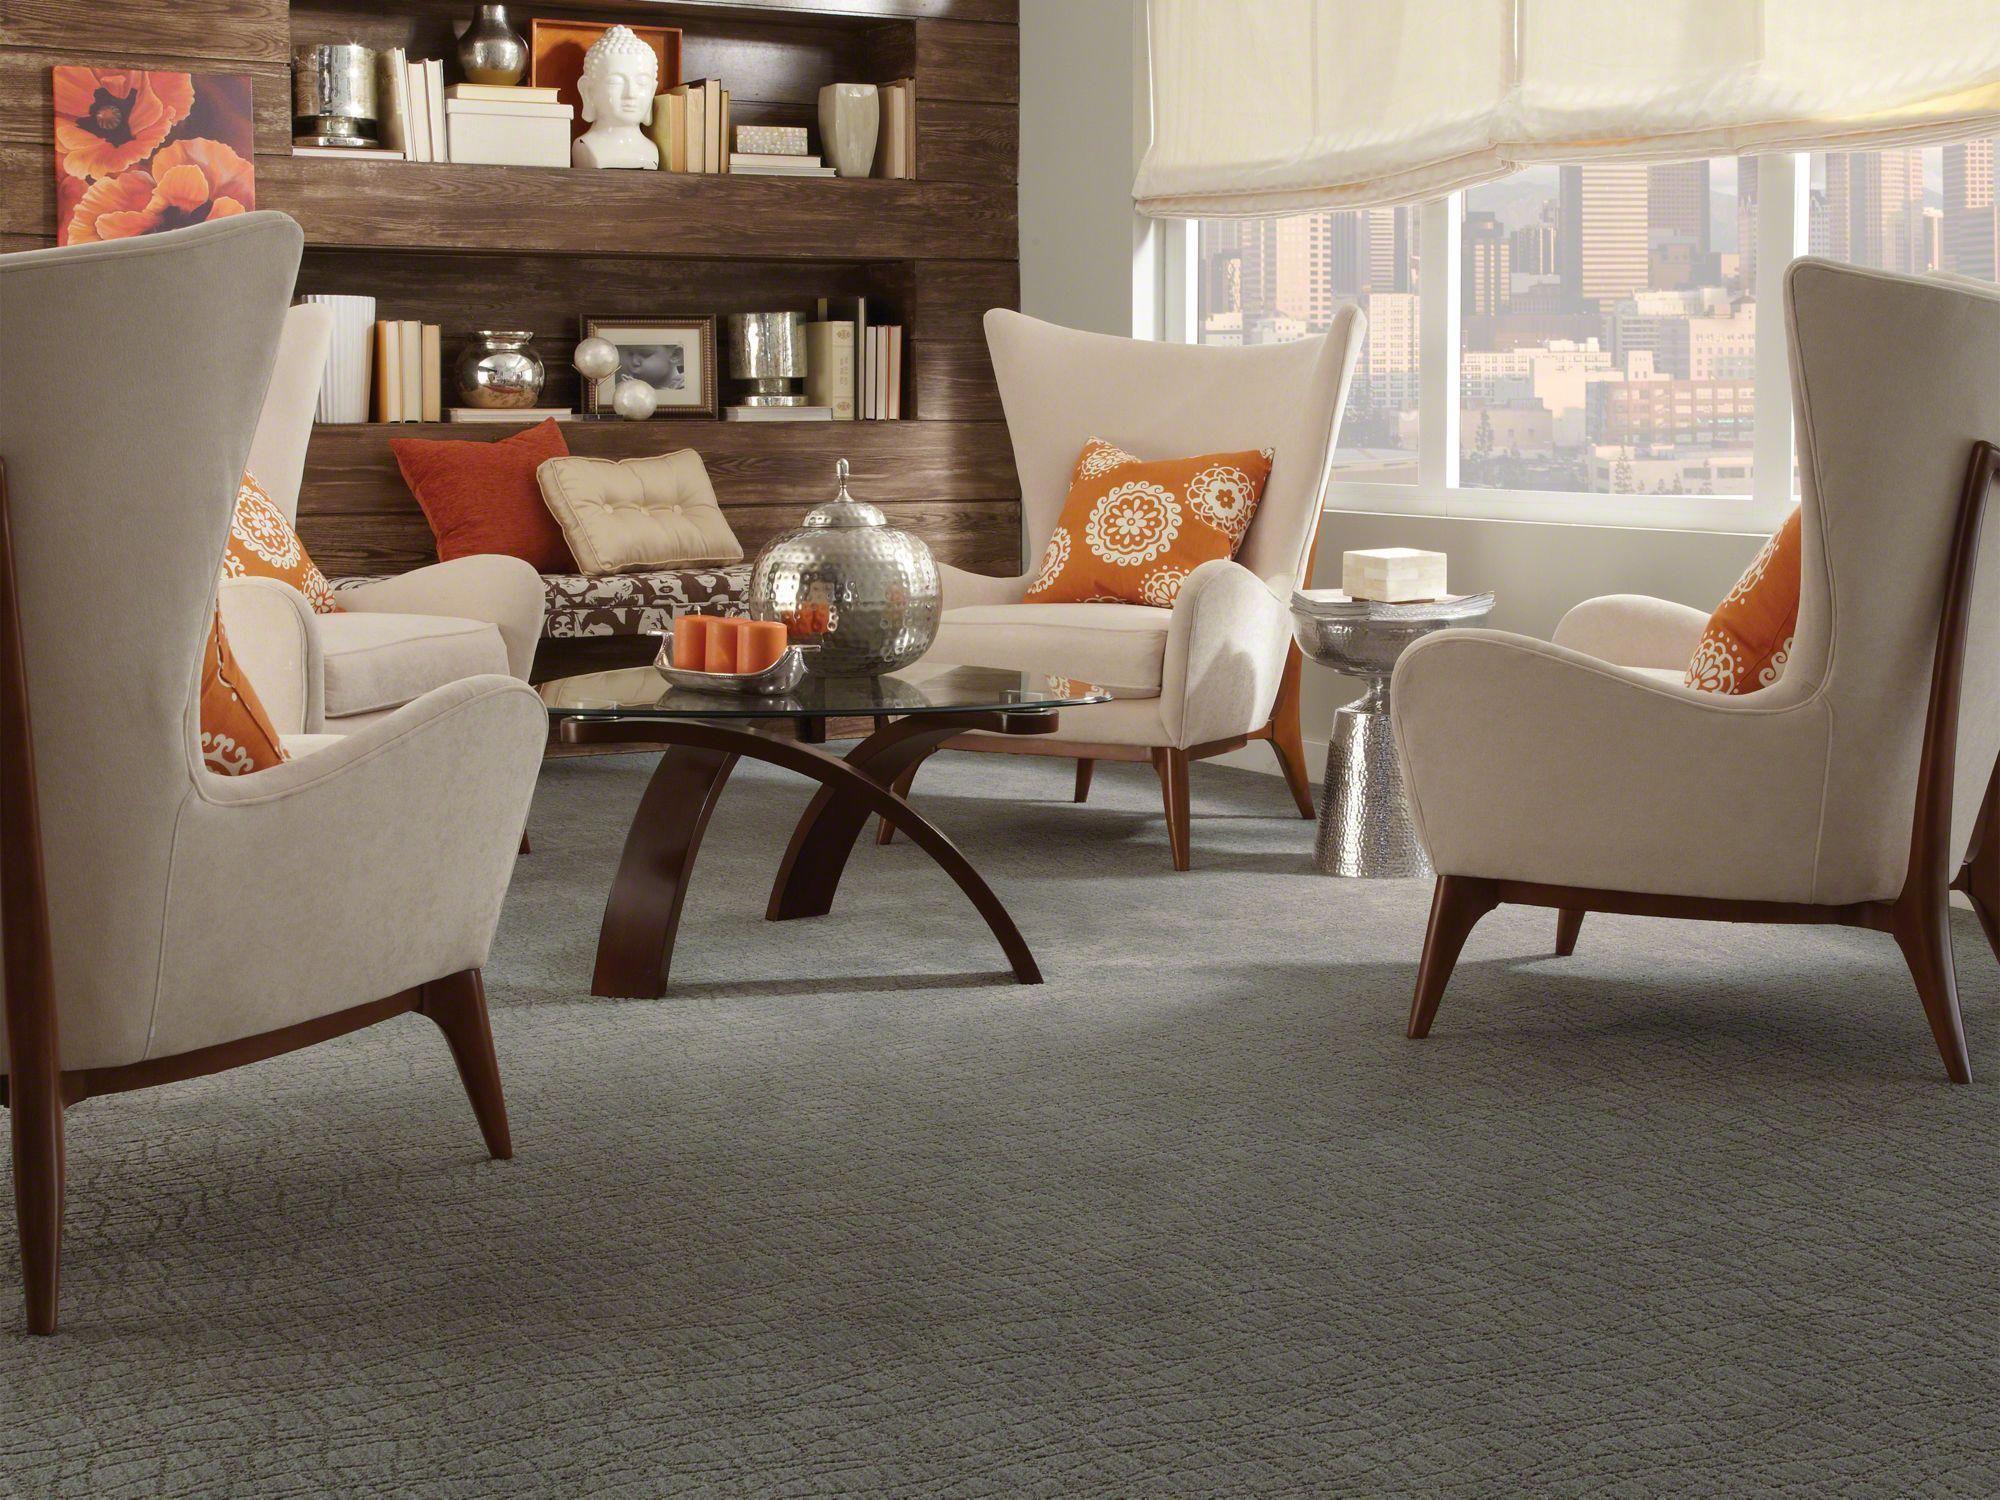 CarpetsInHouston Patterned carpet, Living room carpet